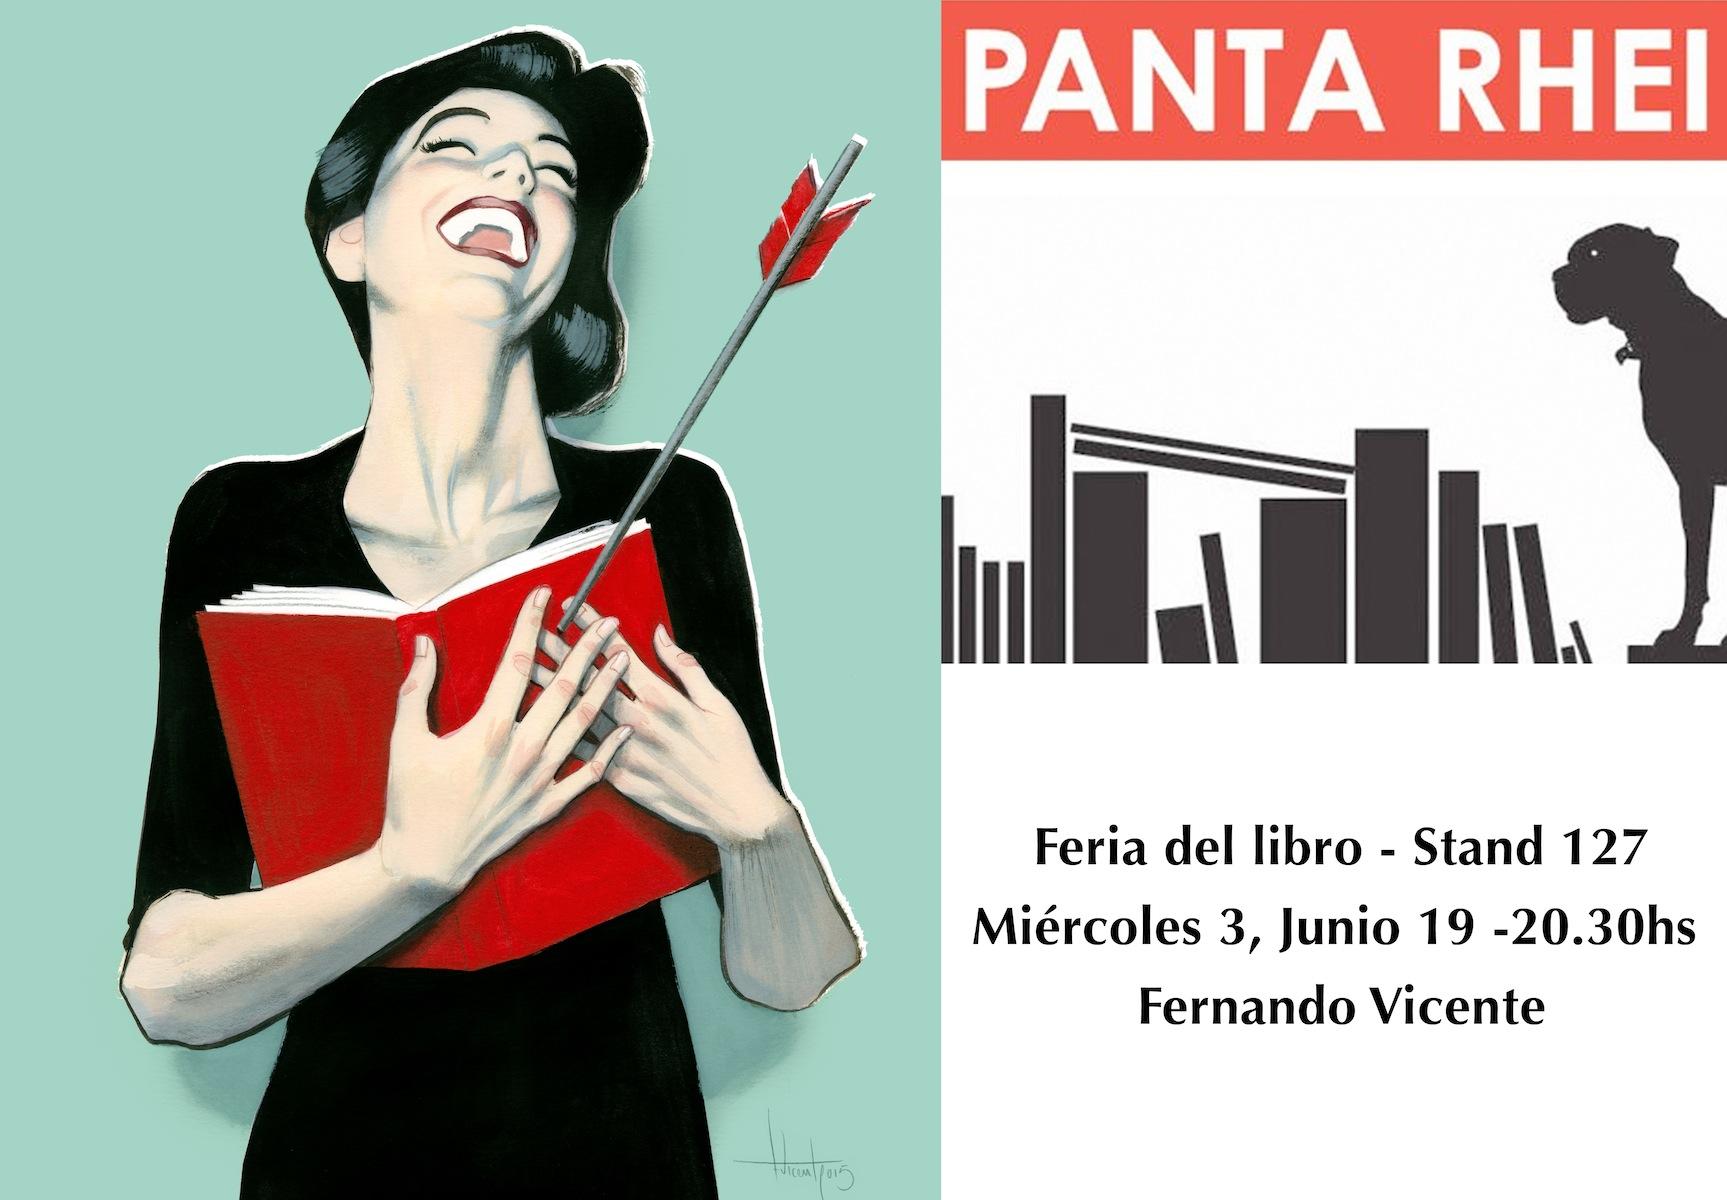 En la Feria del Libro de Madrid estaré con mis amigas de PANTA RHEI a partir de las 19:00 en el stand 127. #FLM15 #FLM2015 #FernandoVicente